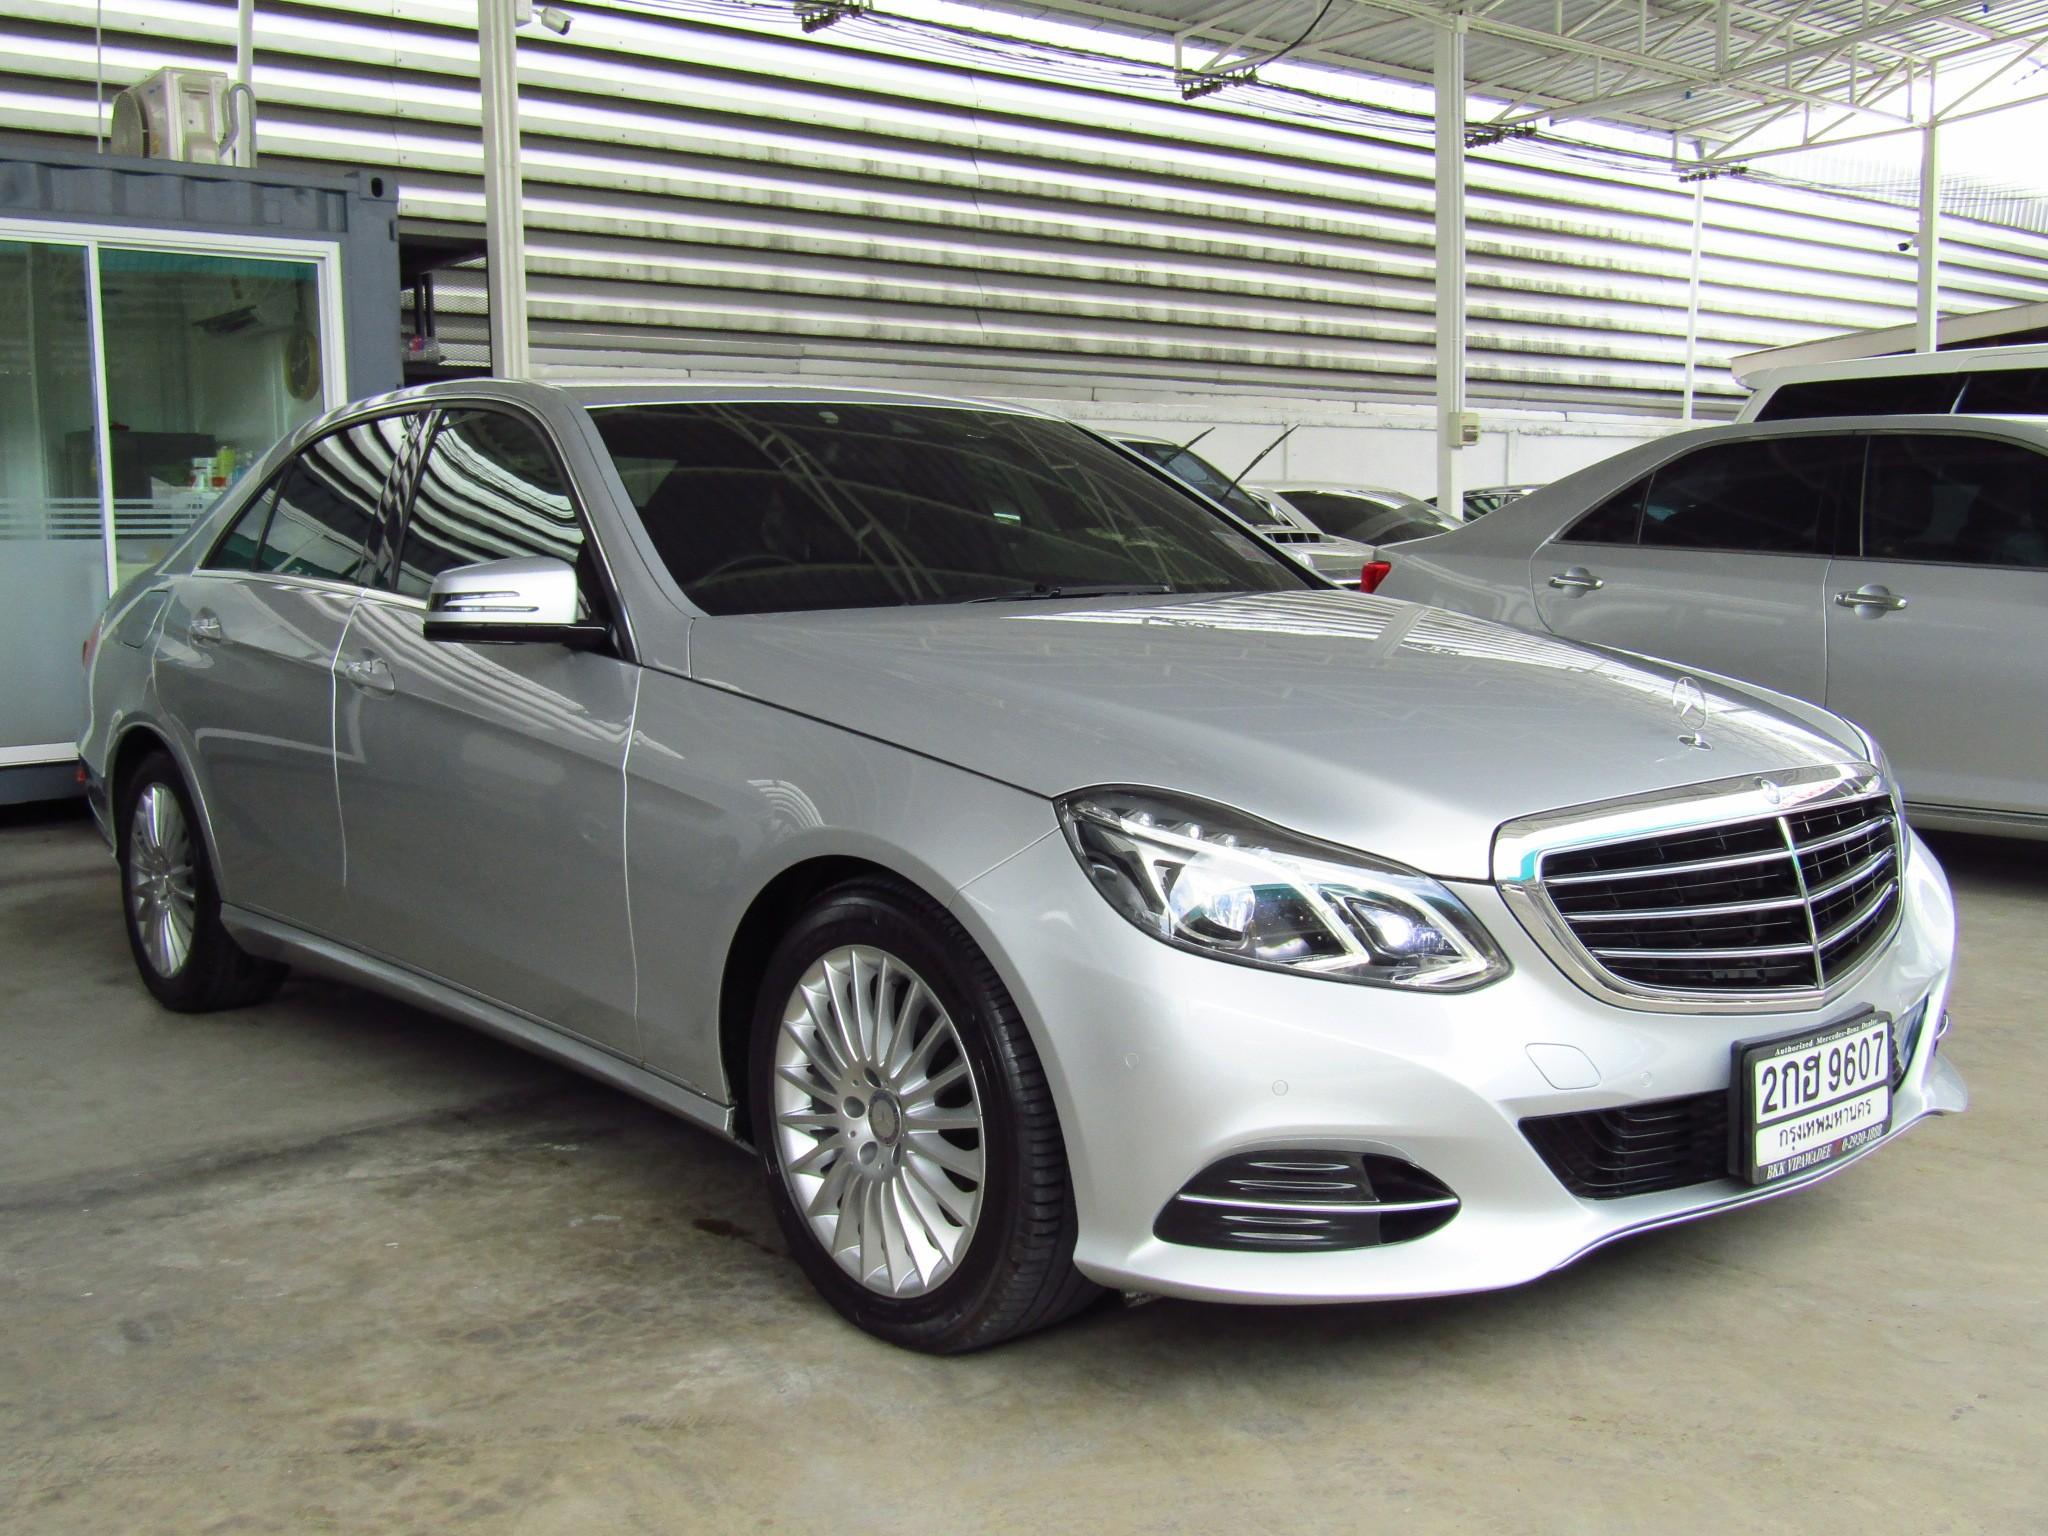 Mercedes-Benz (94,xxx) E300  BlueTEC HYBRID EXECUTIVE FACELI (ผ่อน 19,000 บาท / 60 งวด)